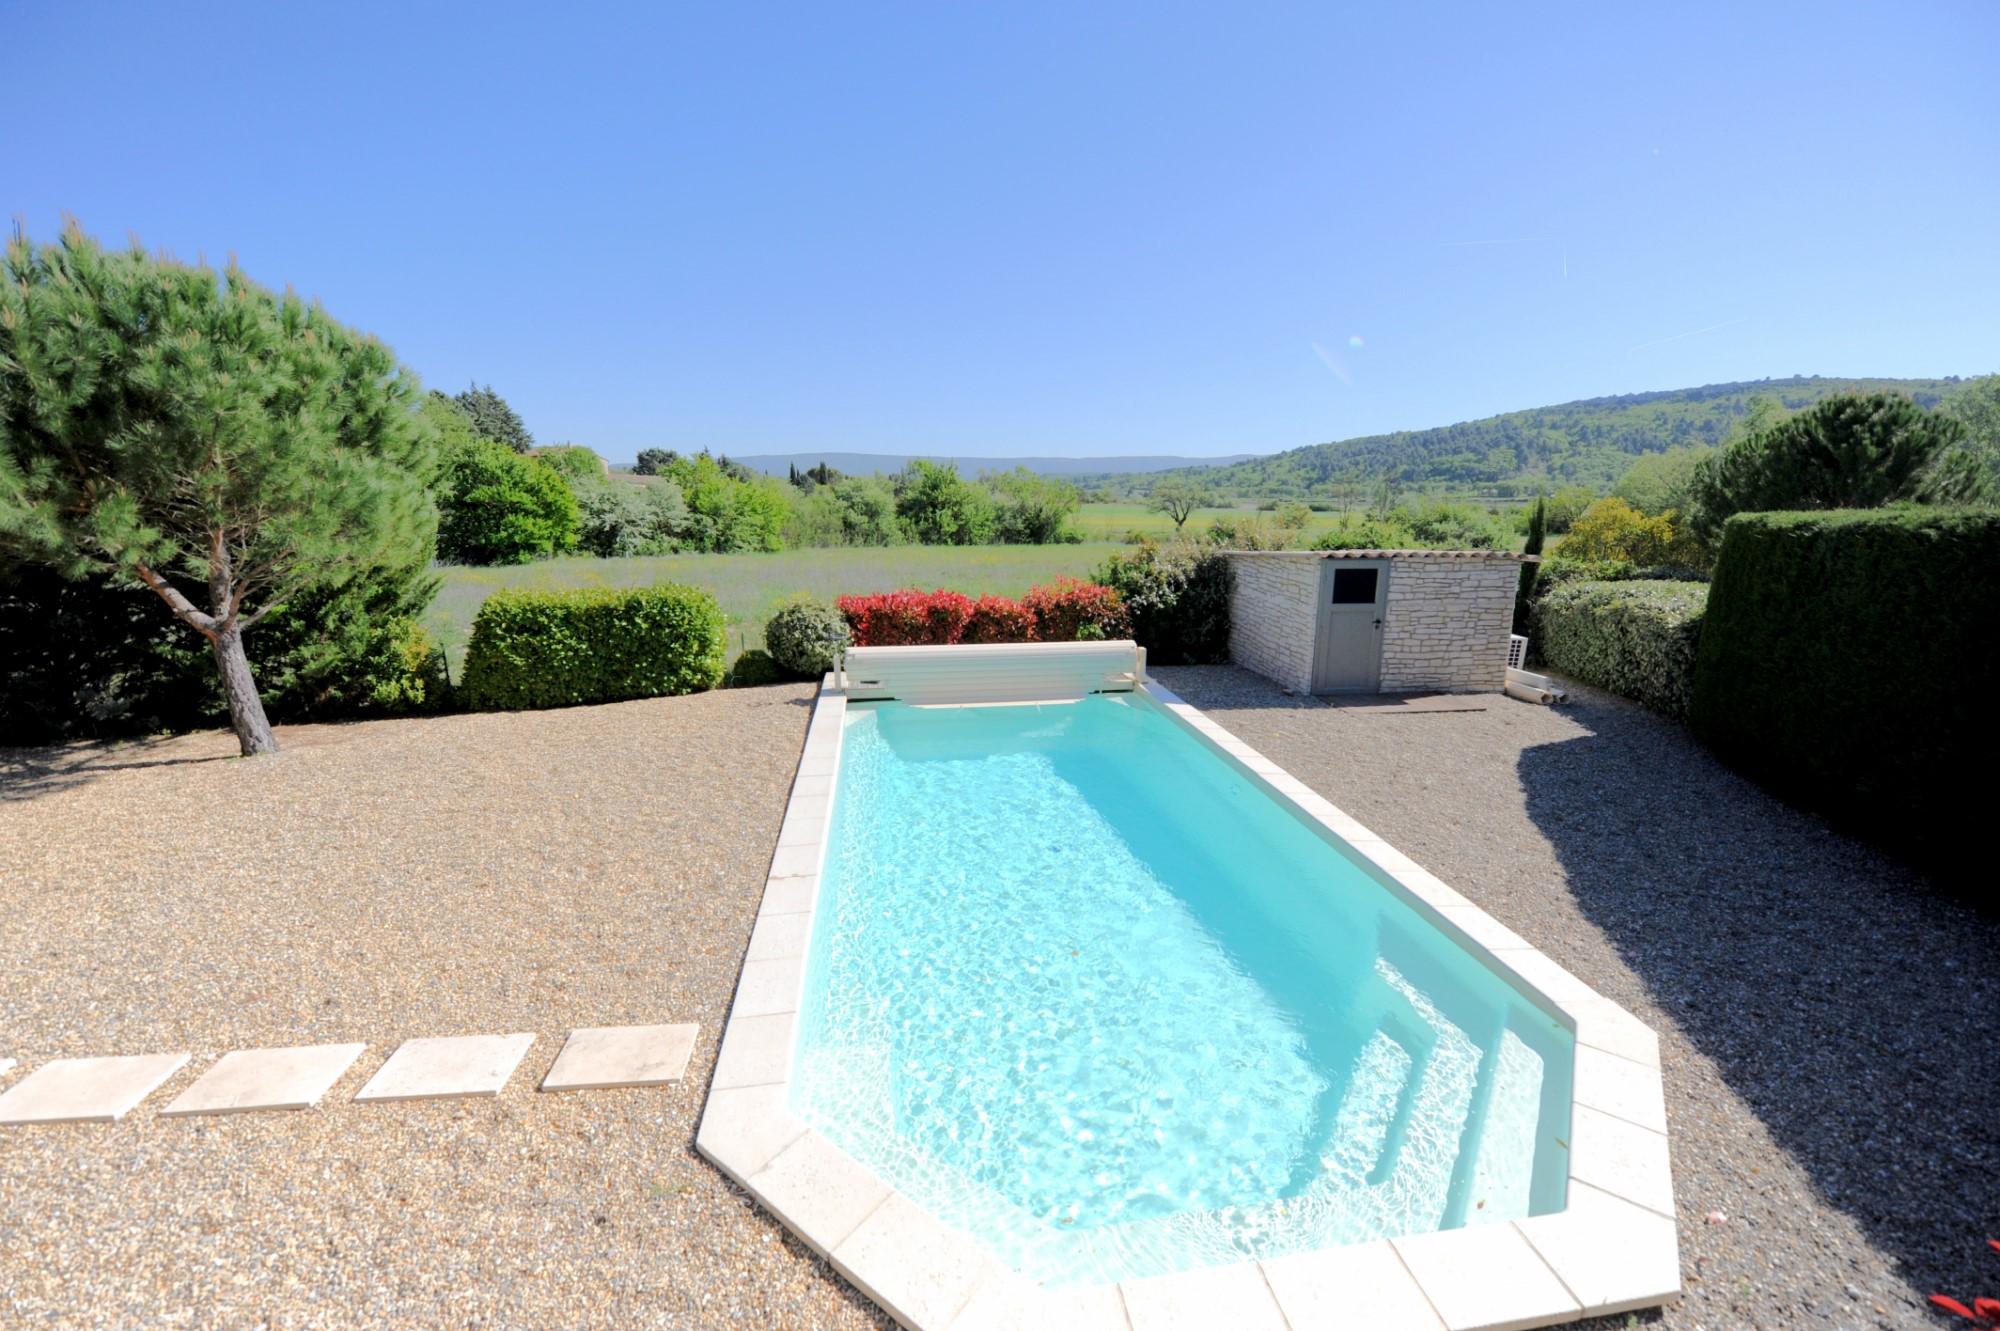 Ventes a gordes maison en pierres avec piscine et vue for Camping luberon avec piscine